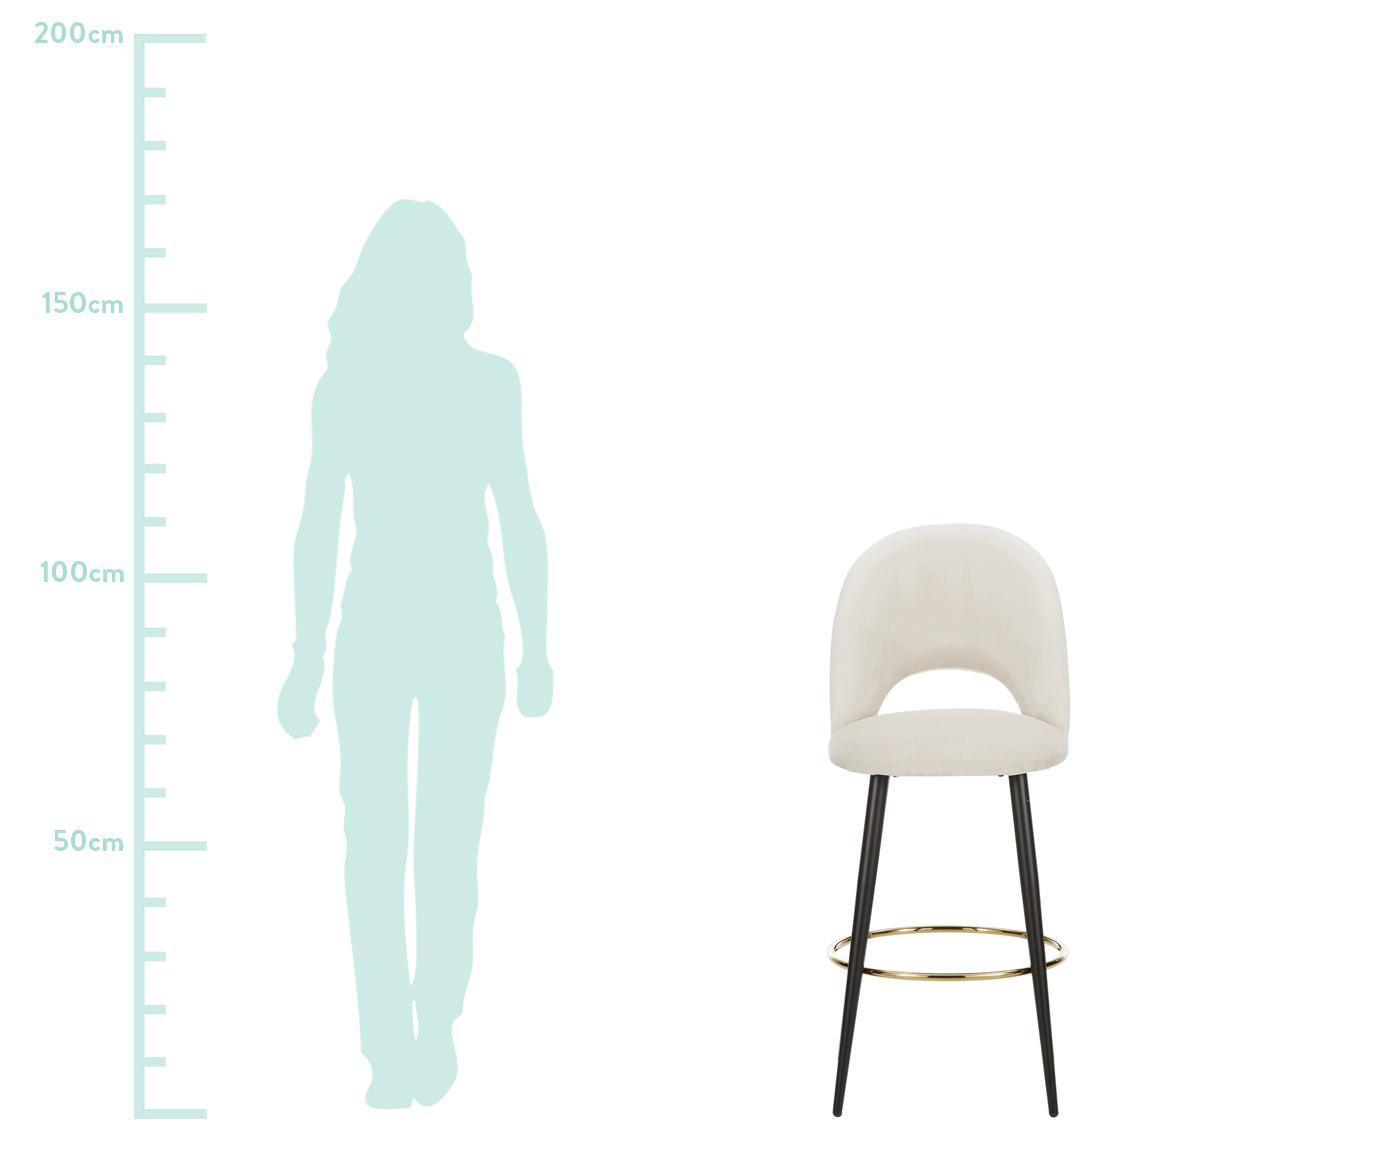 Samt-Barstuhl Rachel, Bezug: Samt (Polyester) 50.000 S, Beine: Metall, pulverbeschichtet, Samt Beige, 48 x 110 cm